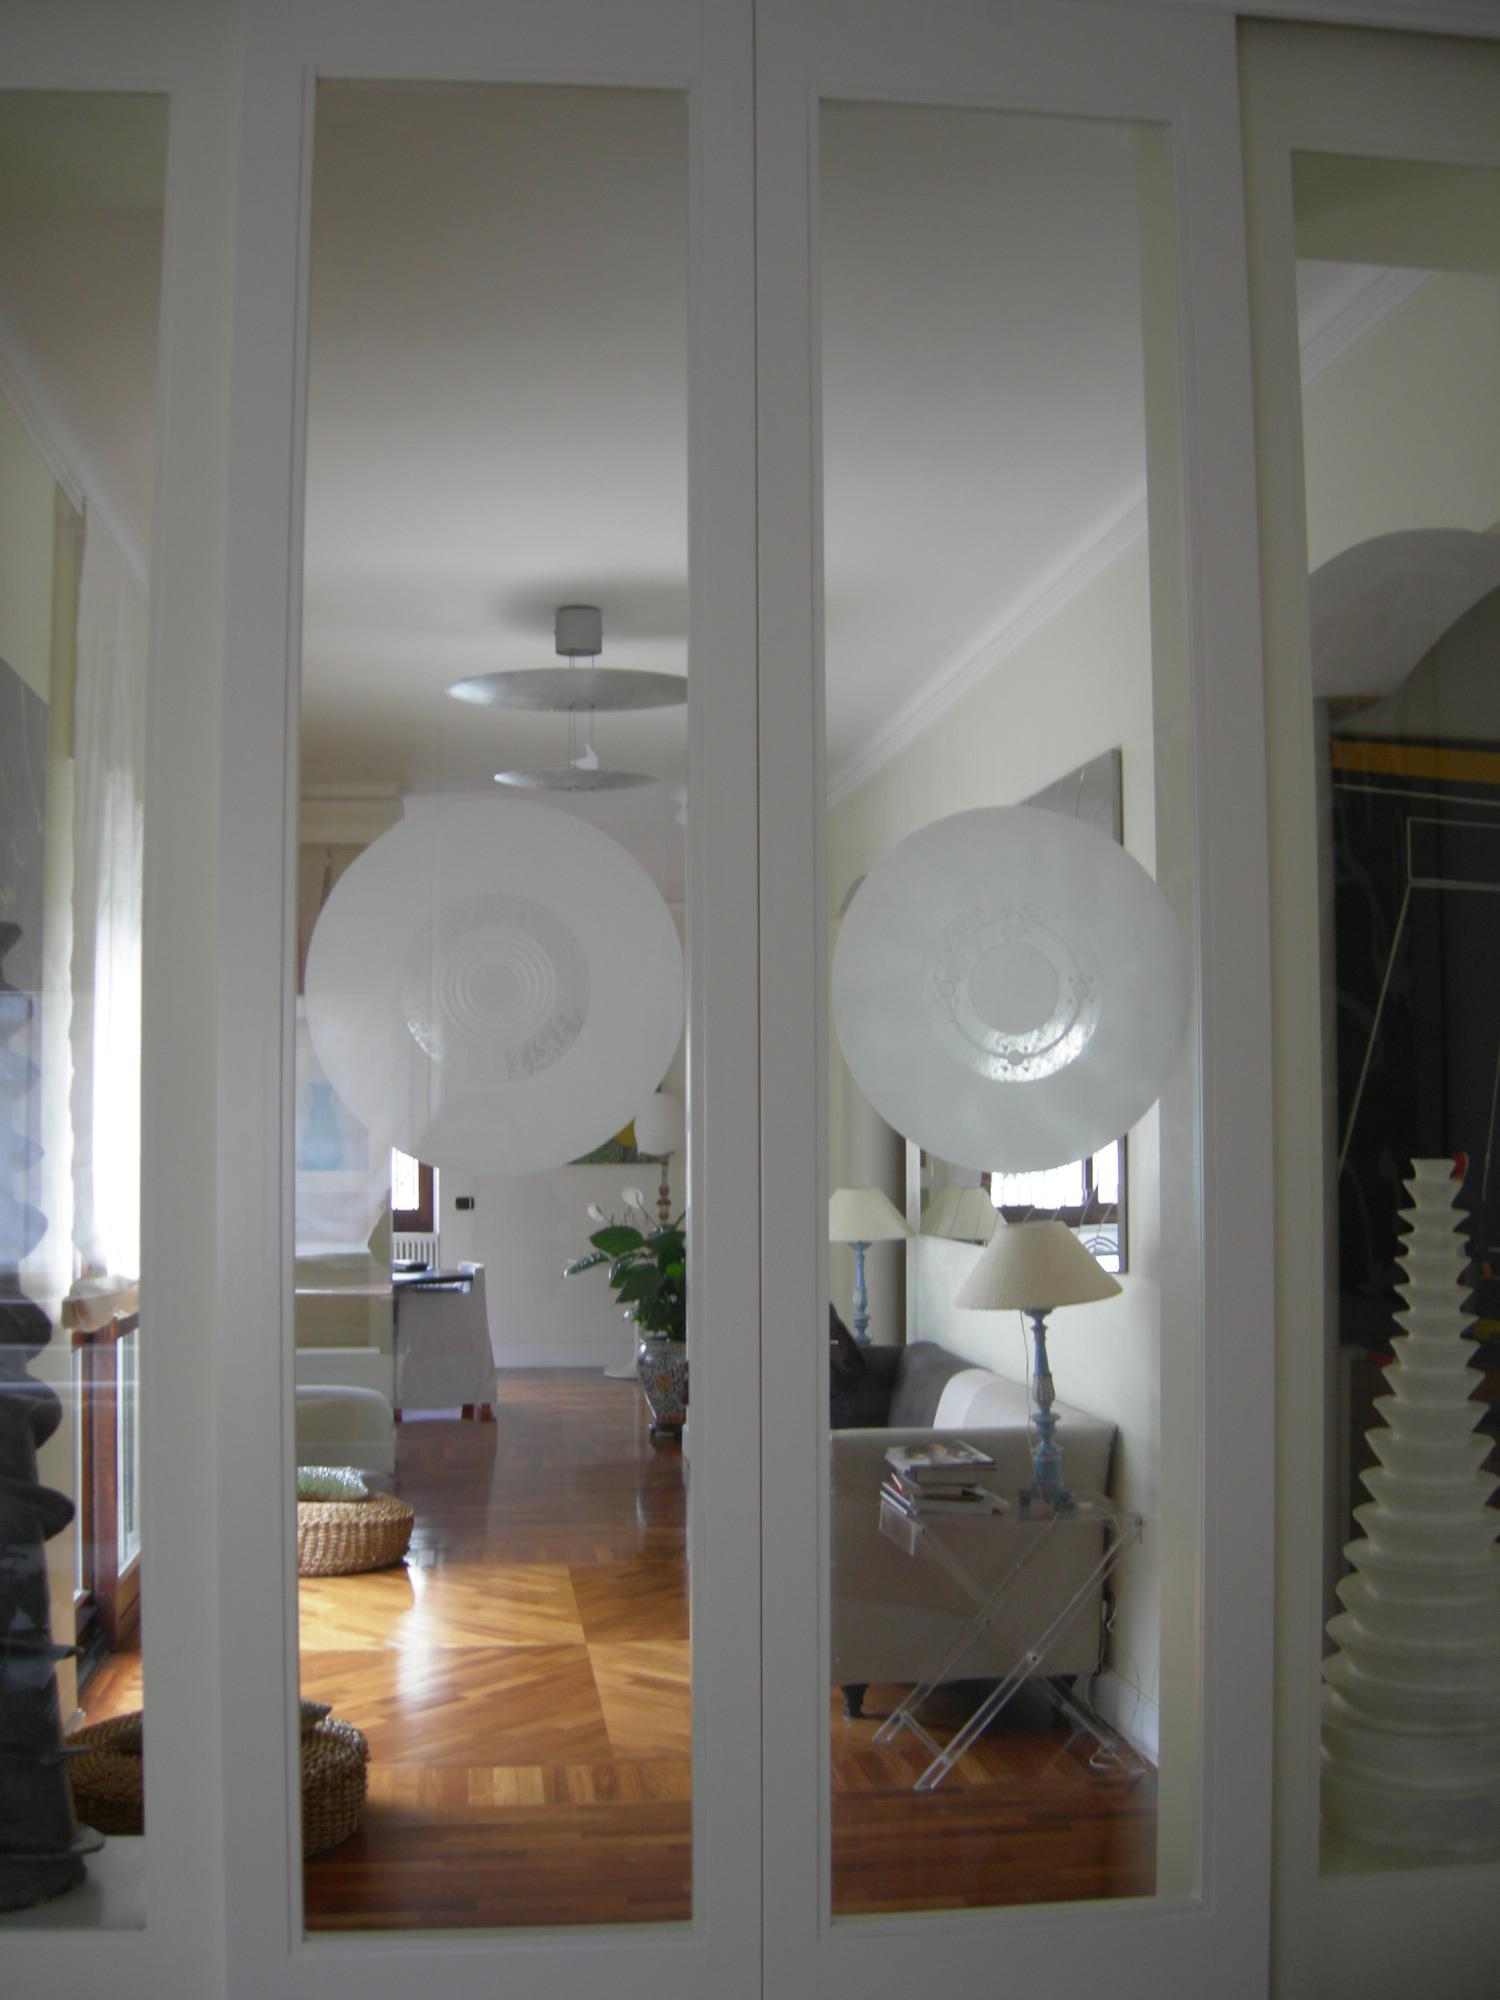 vetrata-porta-geometrica.JPG